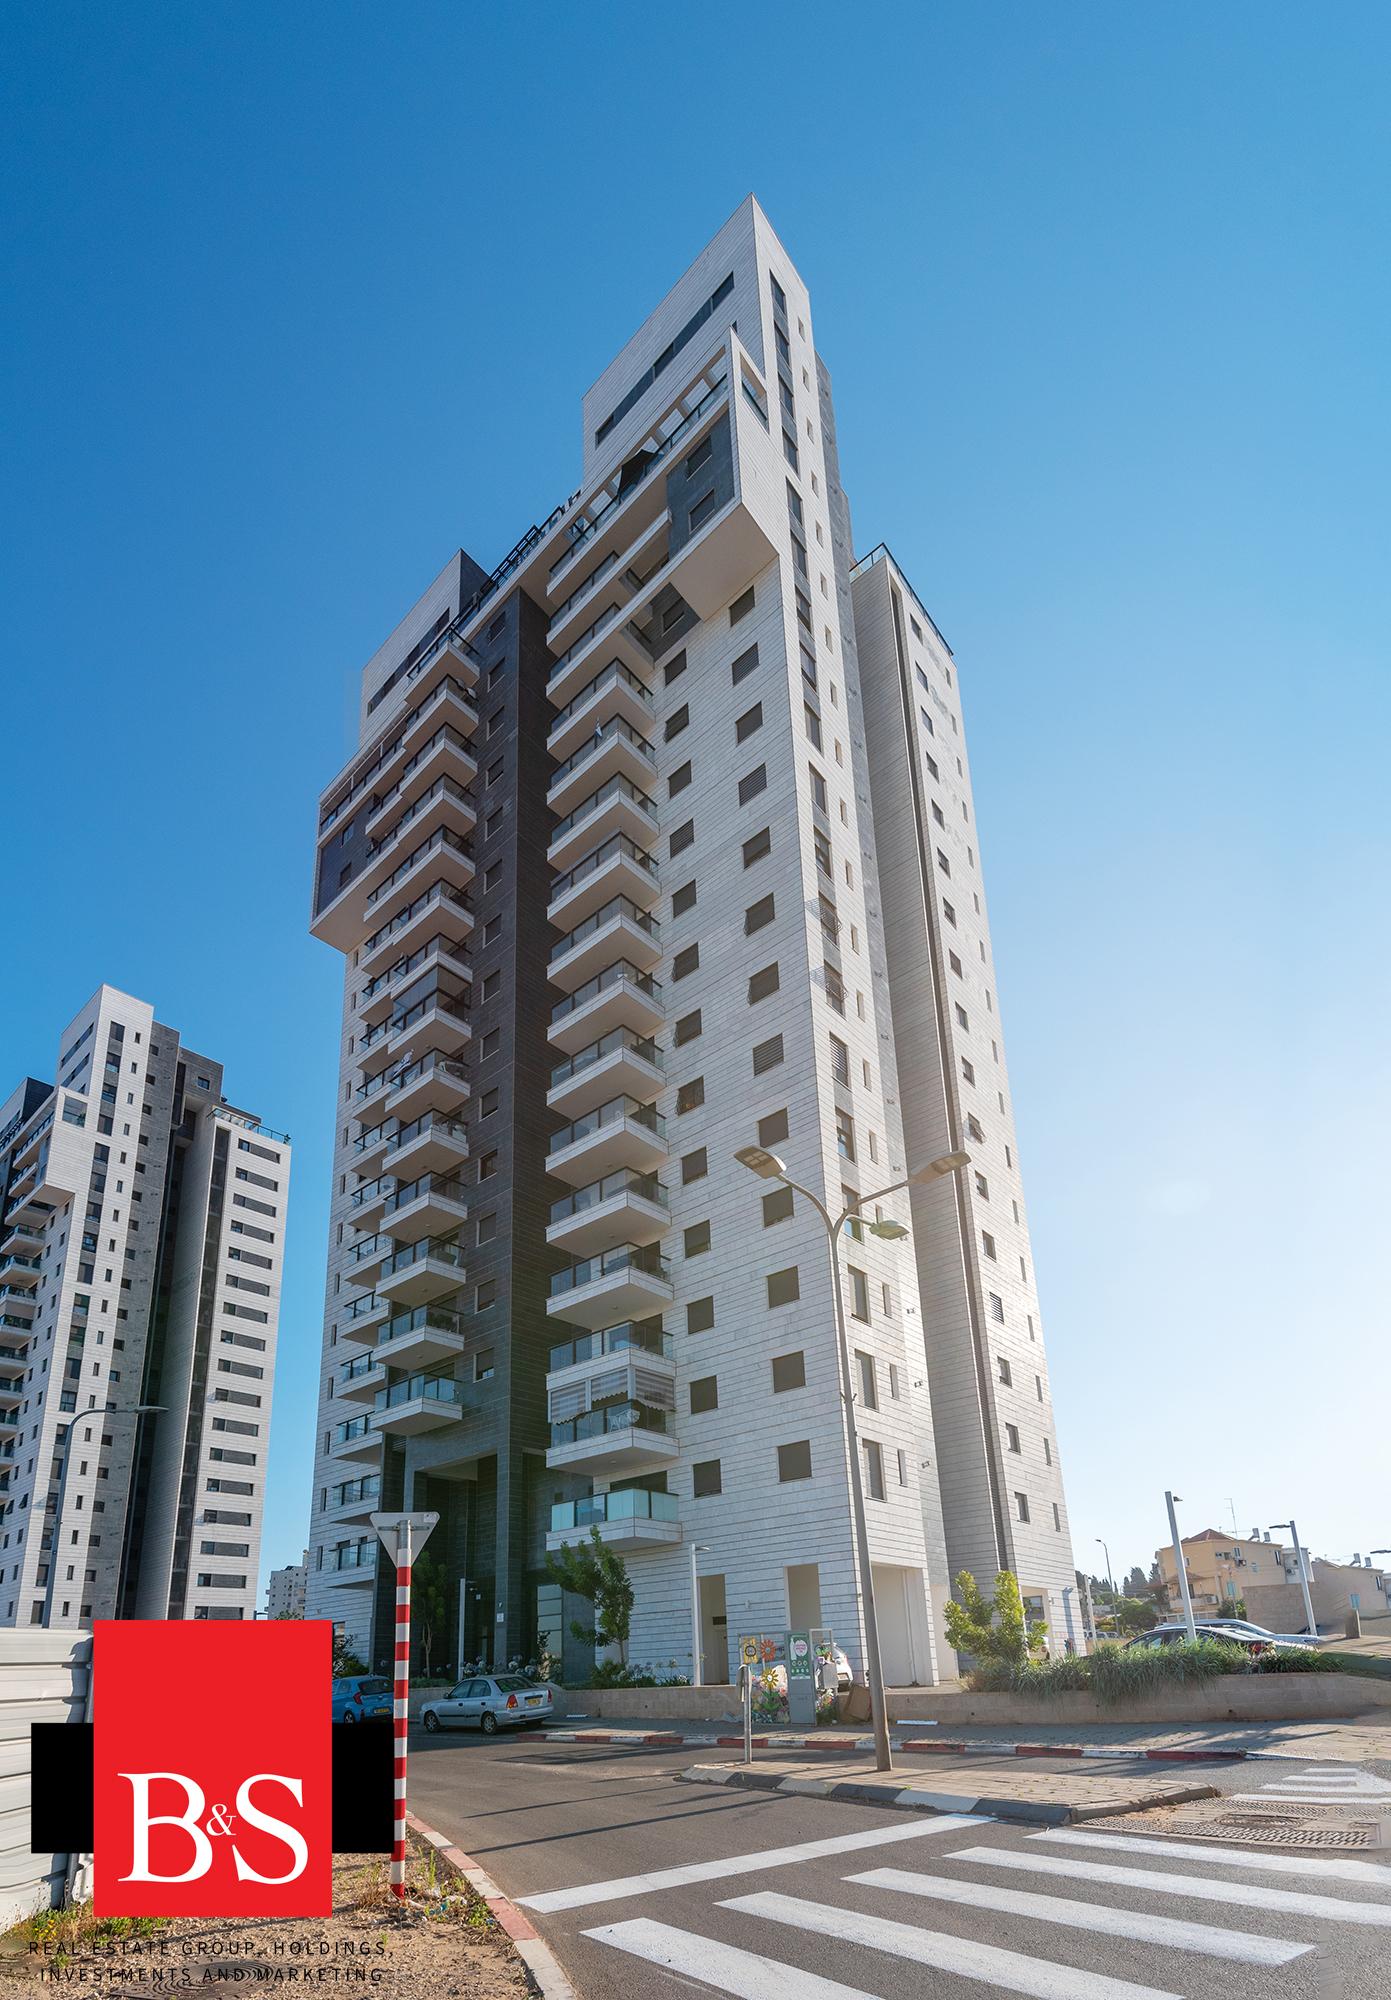 ברמת אפריים, פרוייקט פרשקובסקי היוקרתי דירת 3 חדרים ענקית ומושקעת